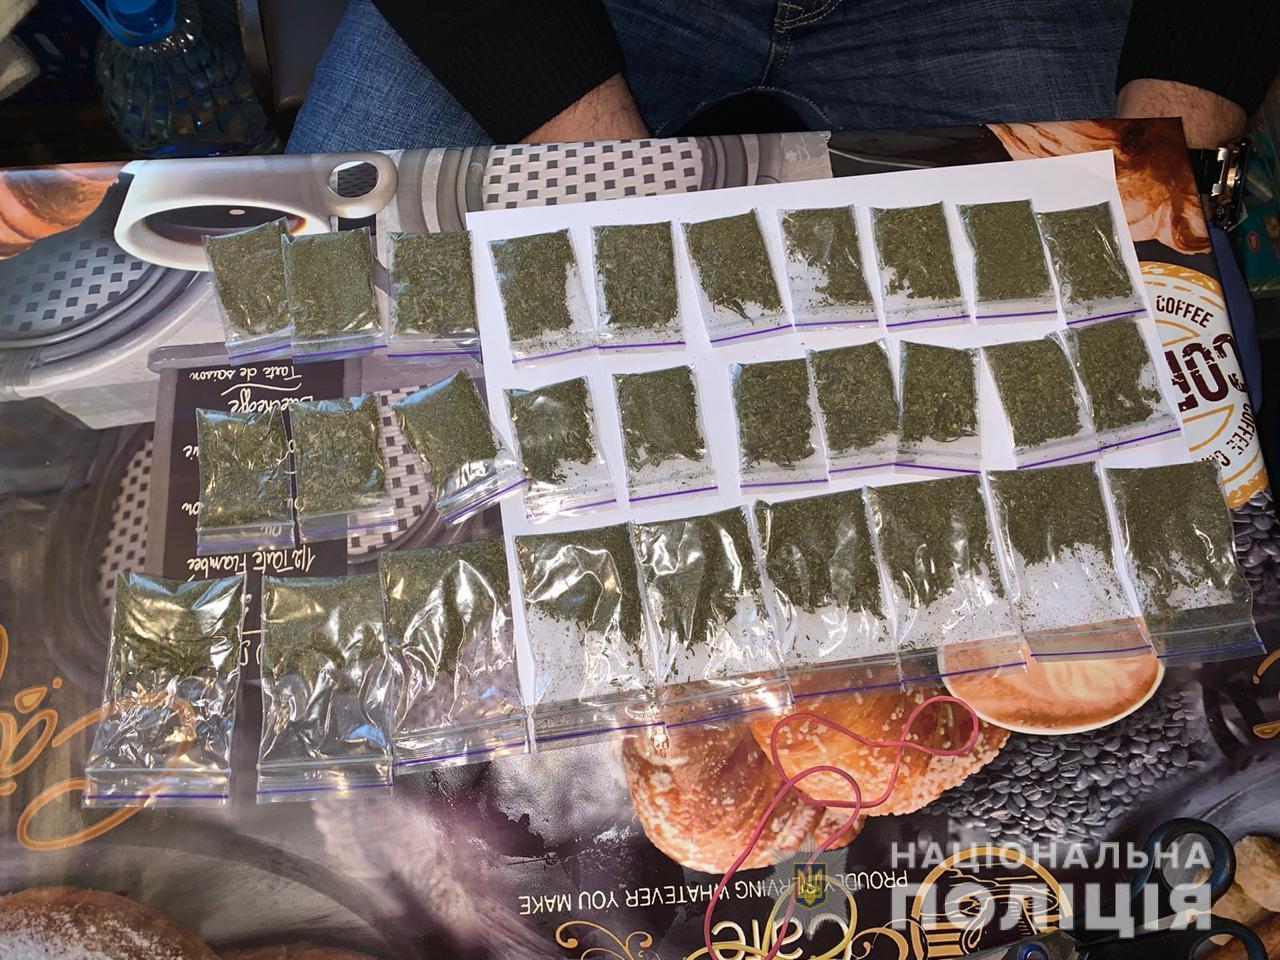 В Днепре разоблачили преступную наркогруппировку. Новости Днепра